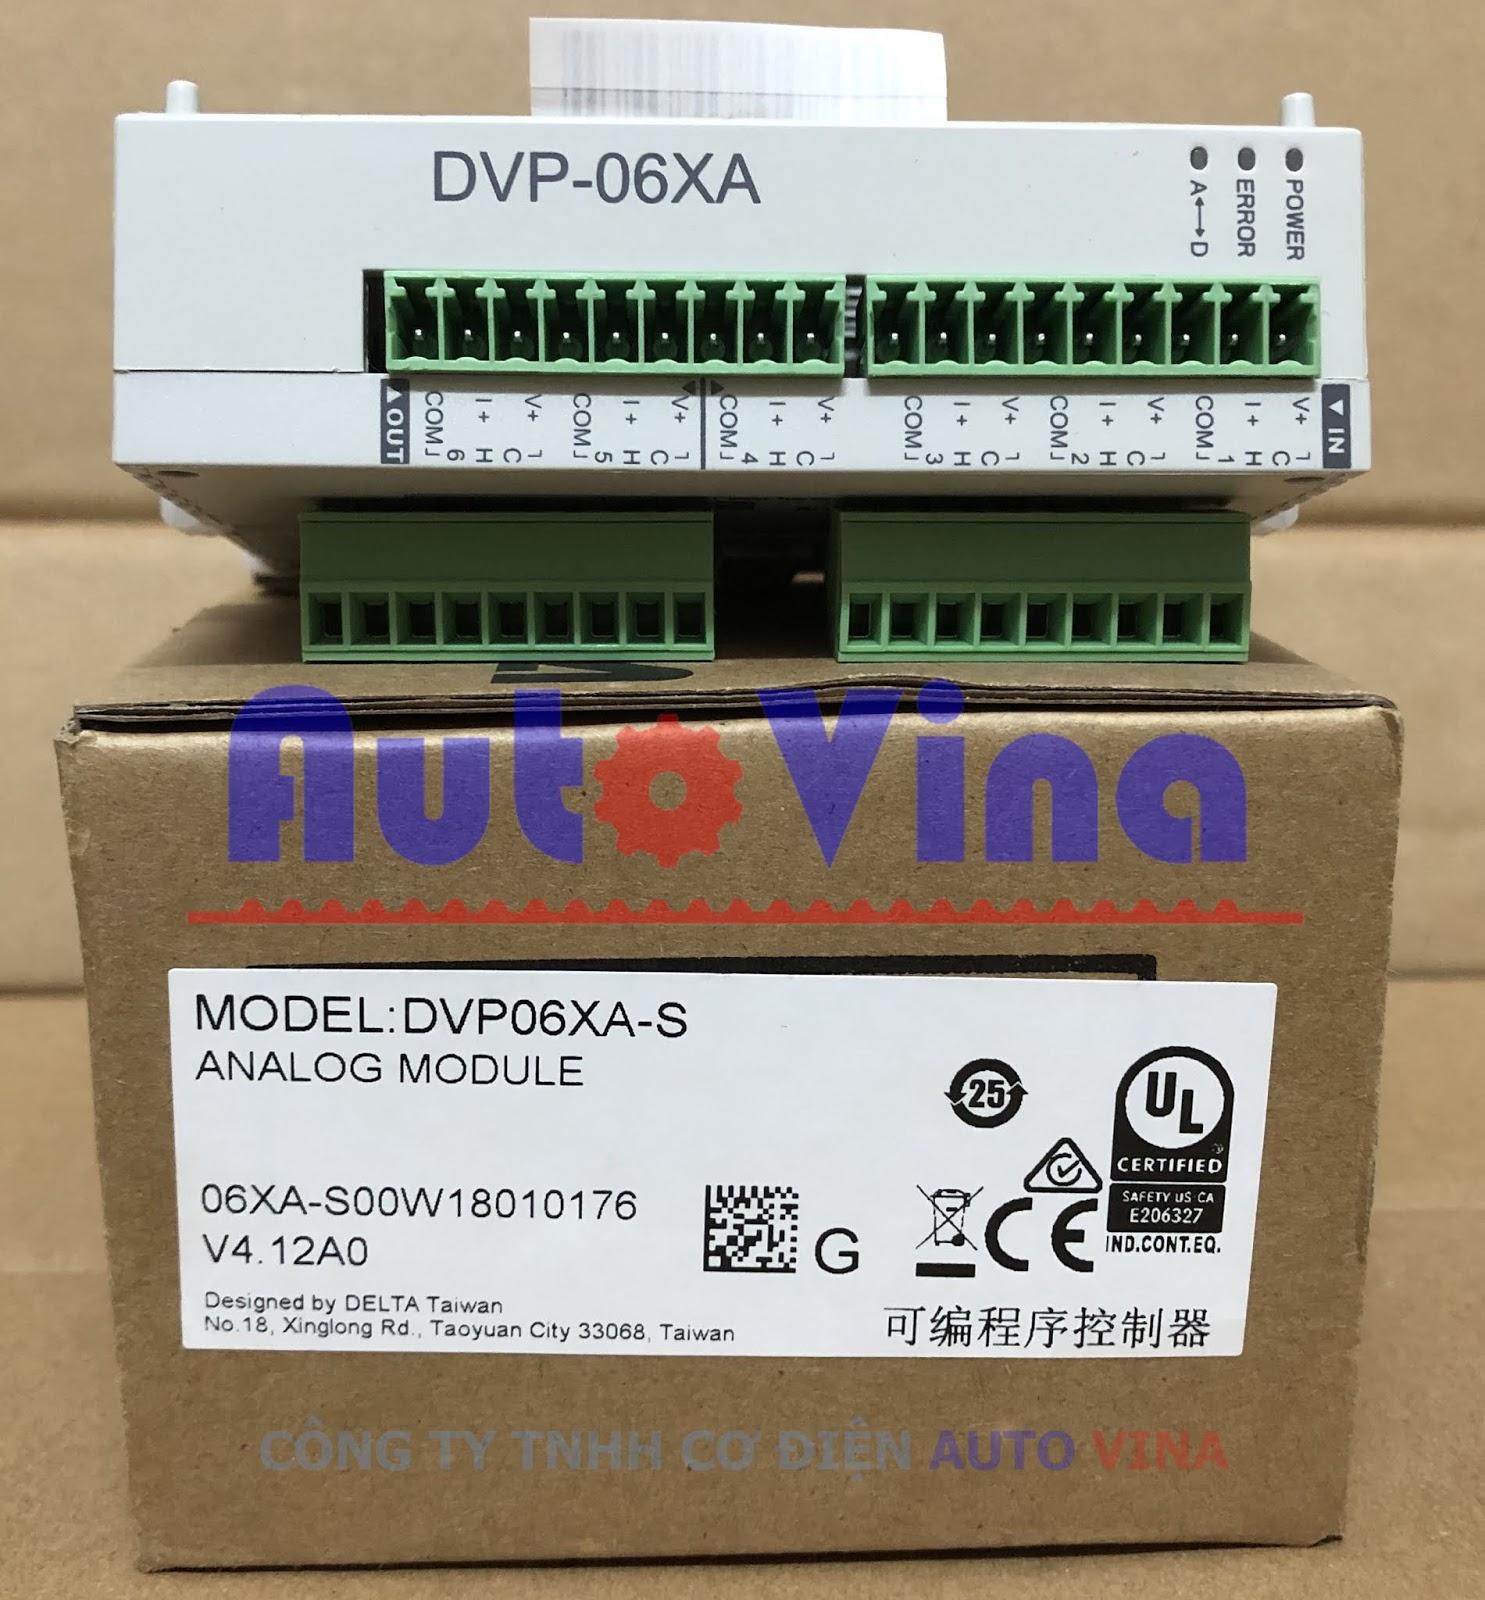 Đại lý bán module analog PLC Delta DVP06XA--S 4 ngõ vào analog và 2 ngõ ra analog